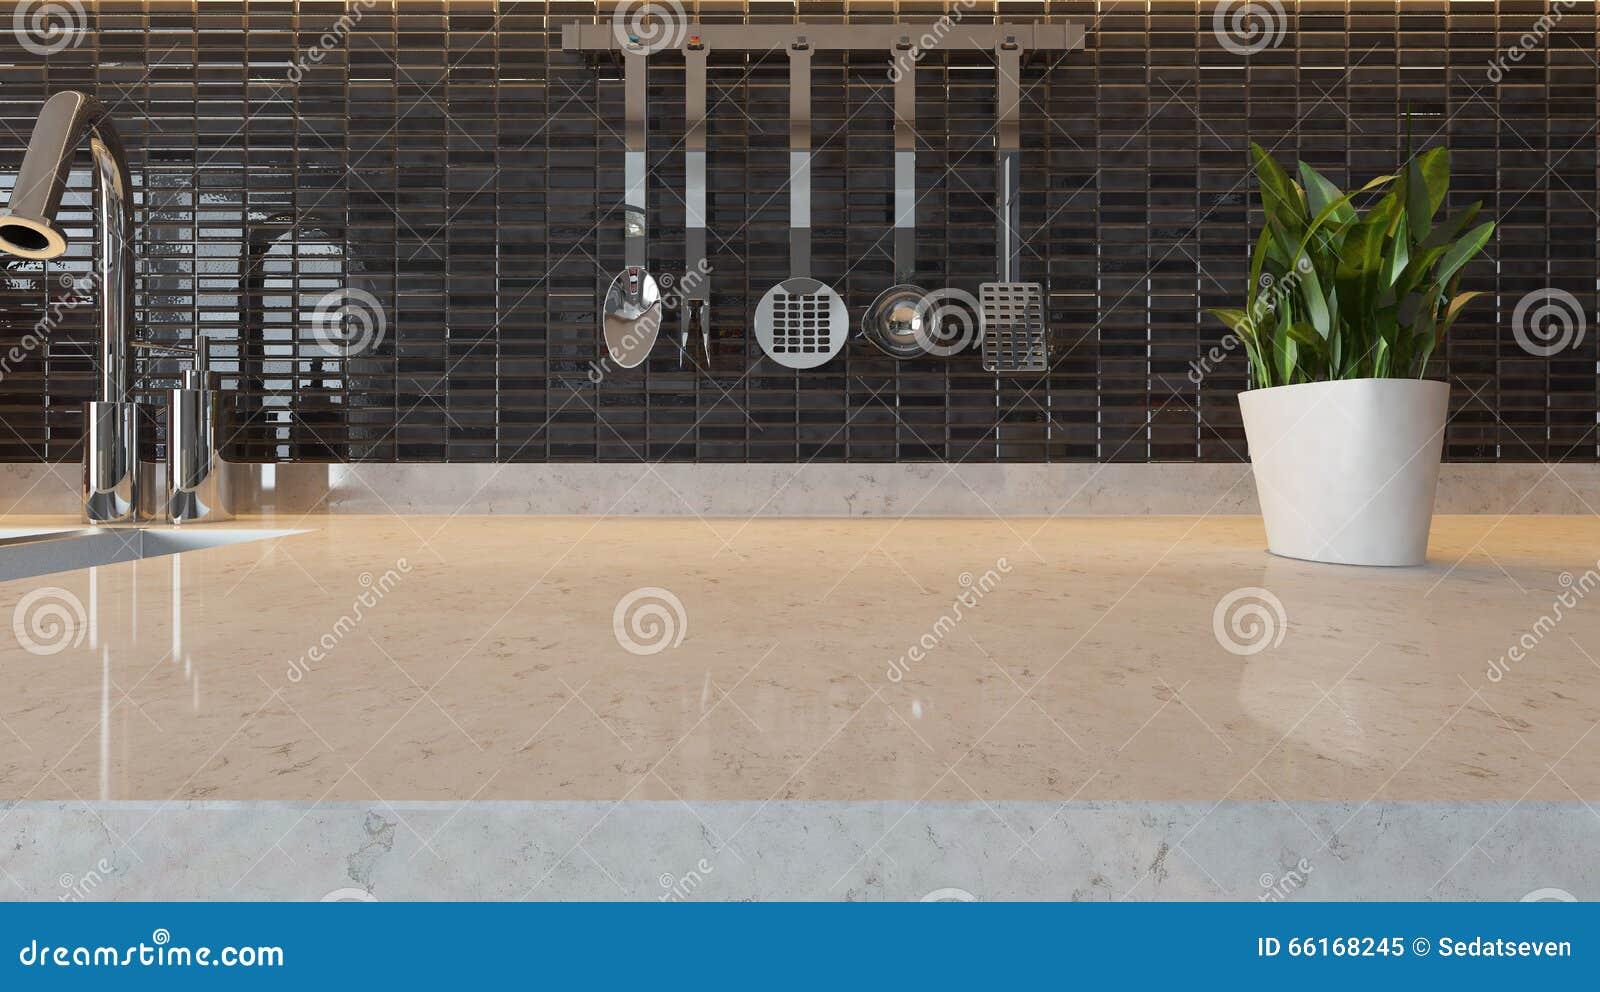 De Zwarte Ceramische Moderne Achtergrond Van Het Keukenontwerp Met ...